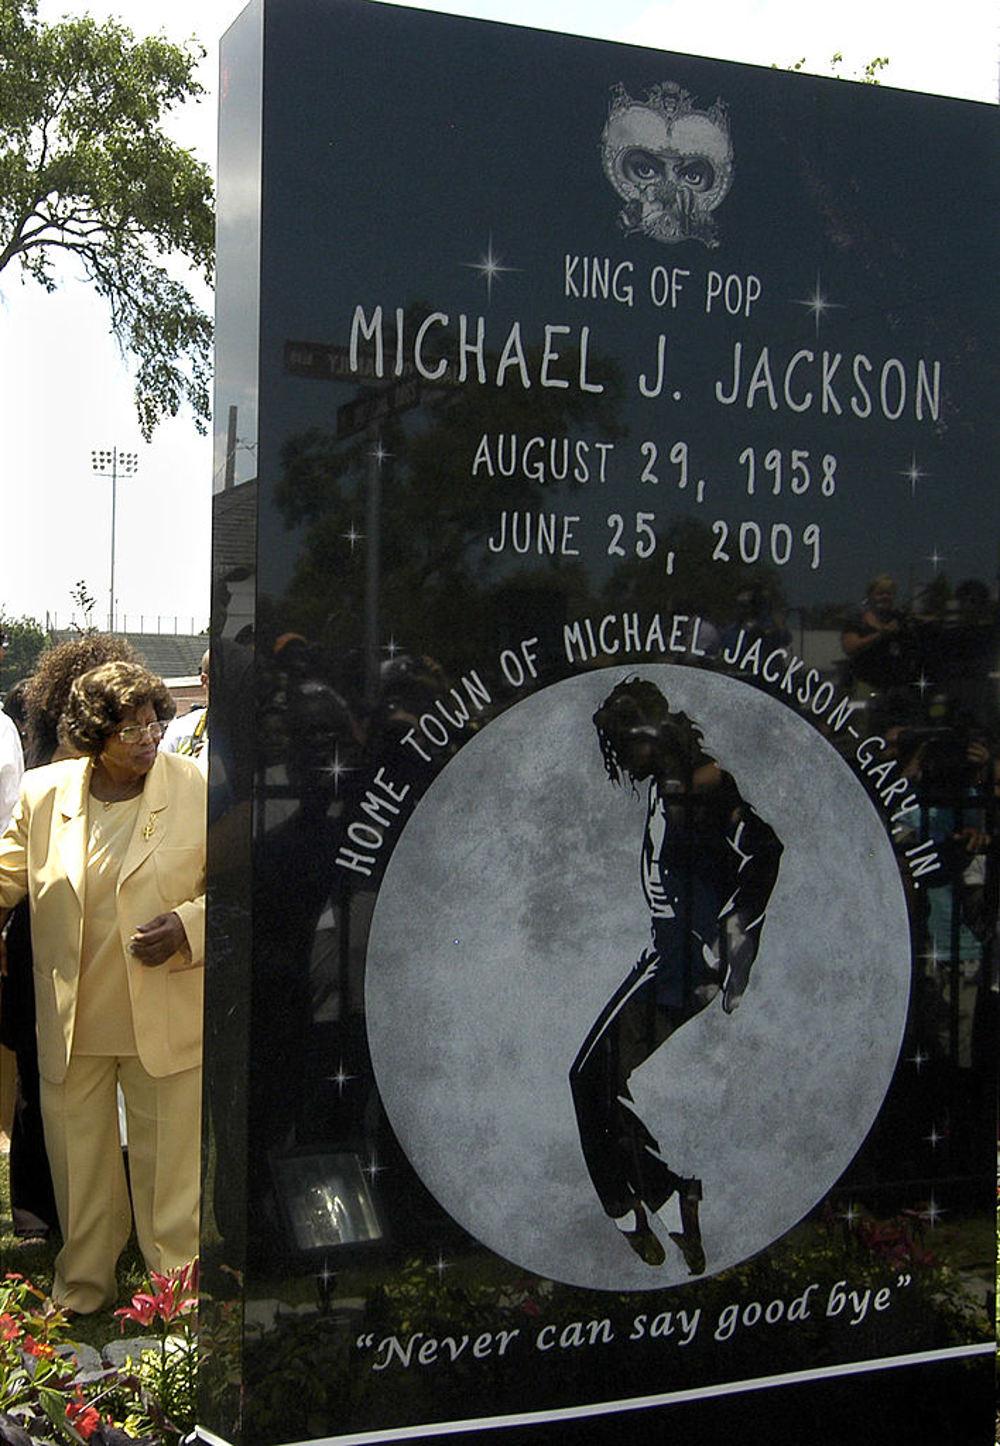 Το μνημείο του Μάικλ Τζάκσον έξω από την κατοικία  του. Εφυγε από τη ζωή στις 25 Ιουνίου 2009